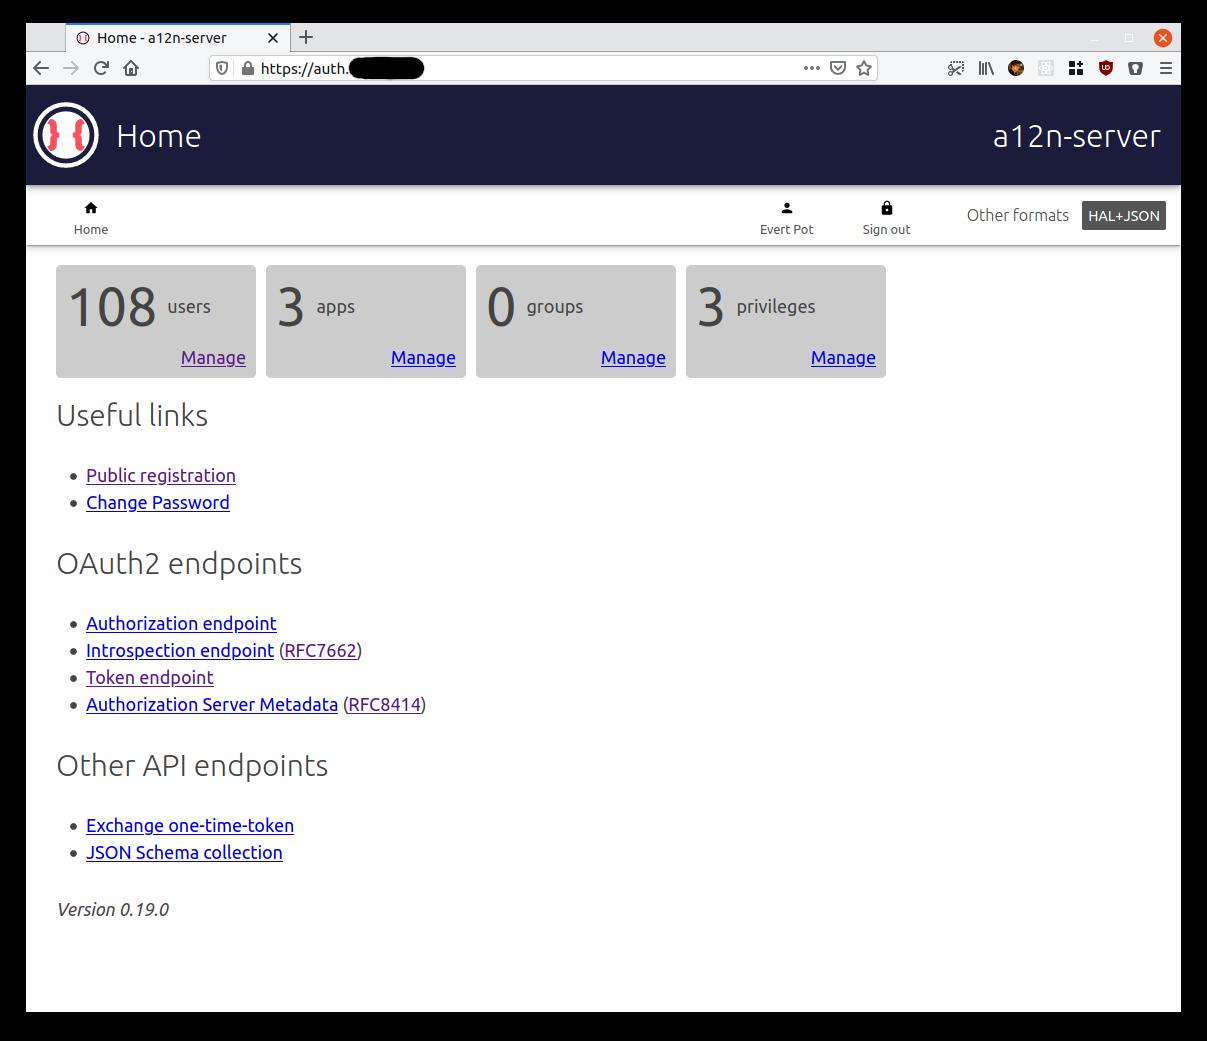 a12n-server home screenshot